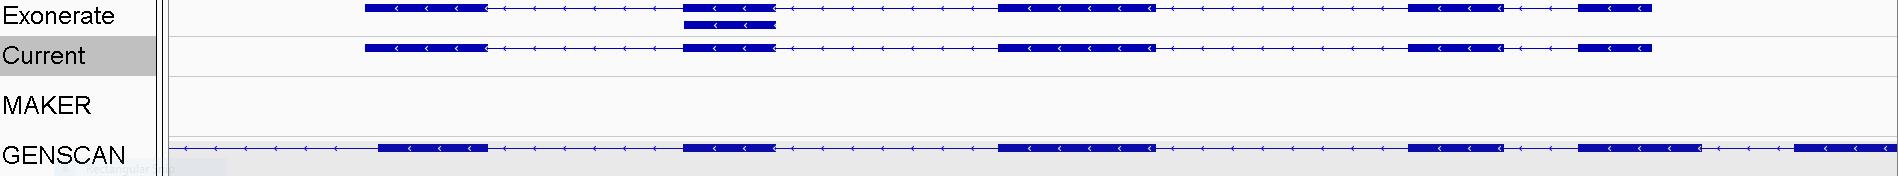 YLec example 1